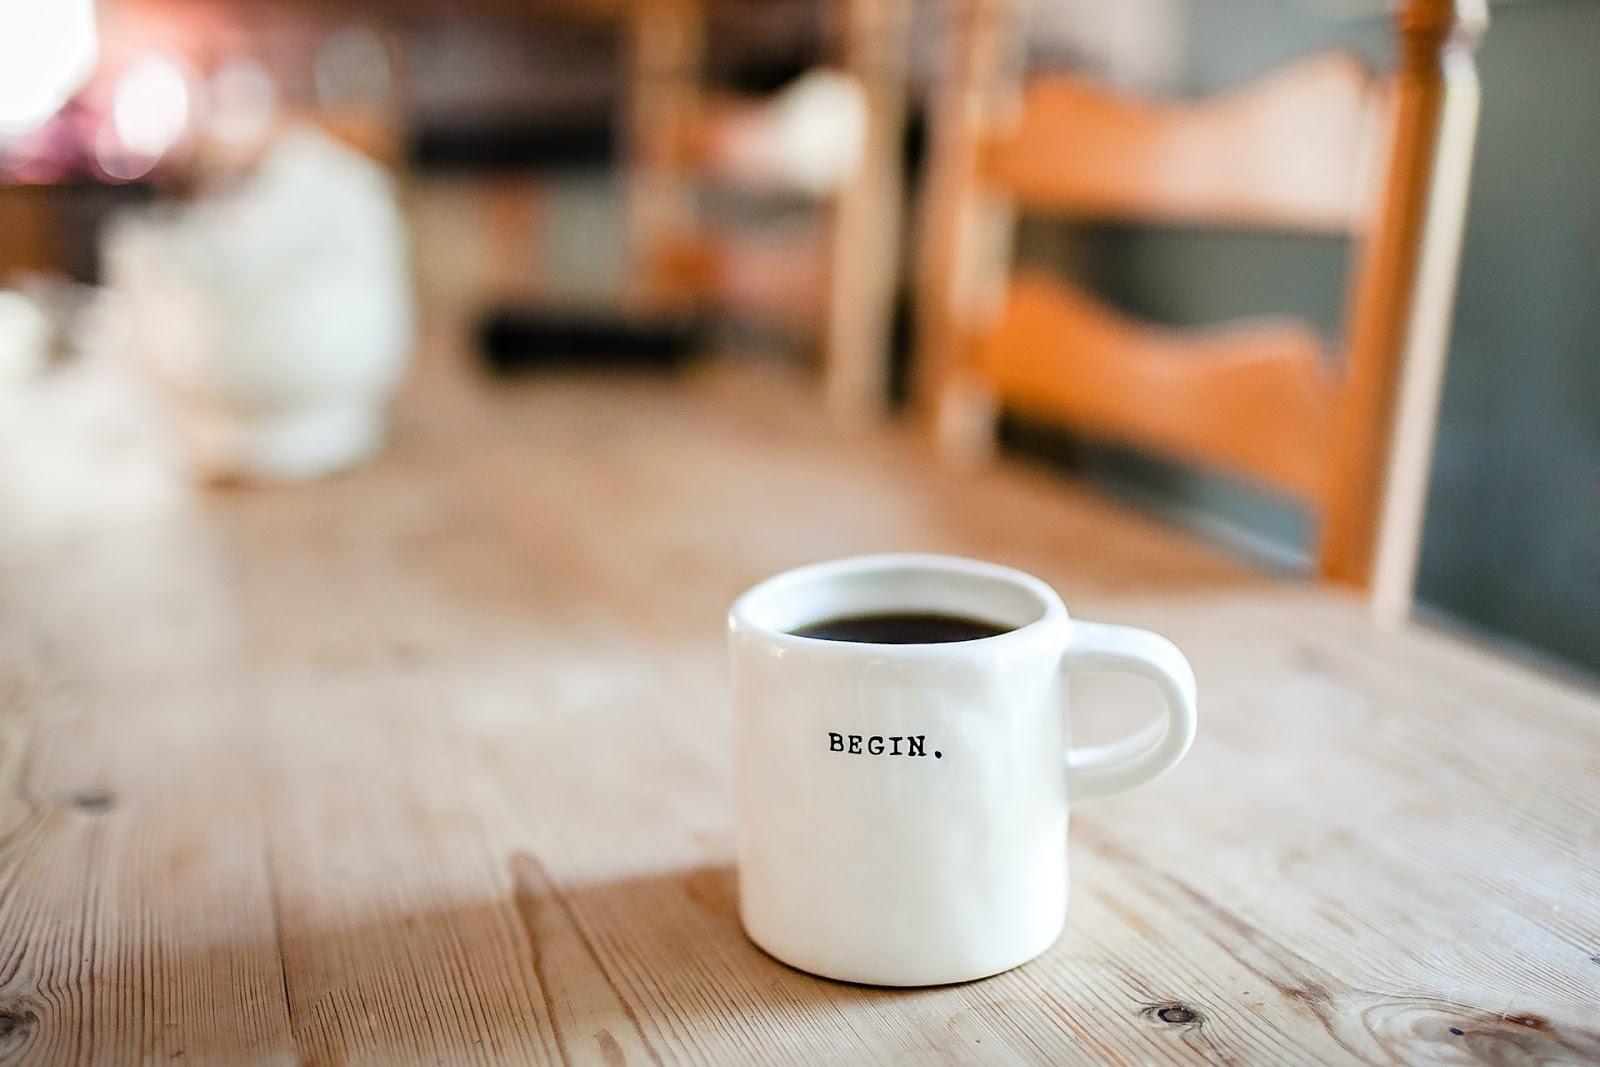 Um café é sempre bom, mas deve ser consumido com moderação (Imagem: Danielle MacInnes/Unsplash)